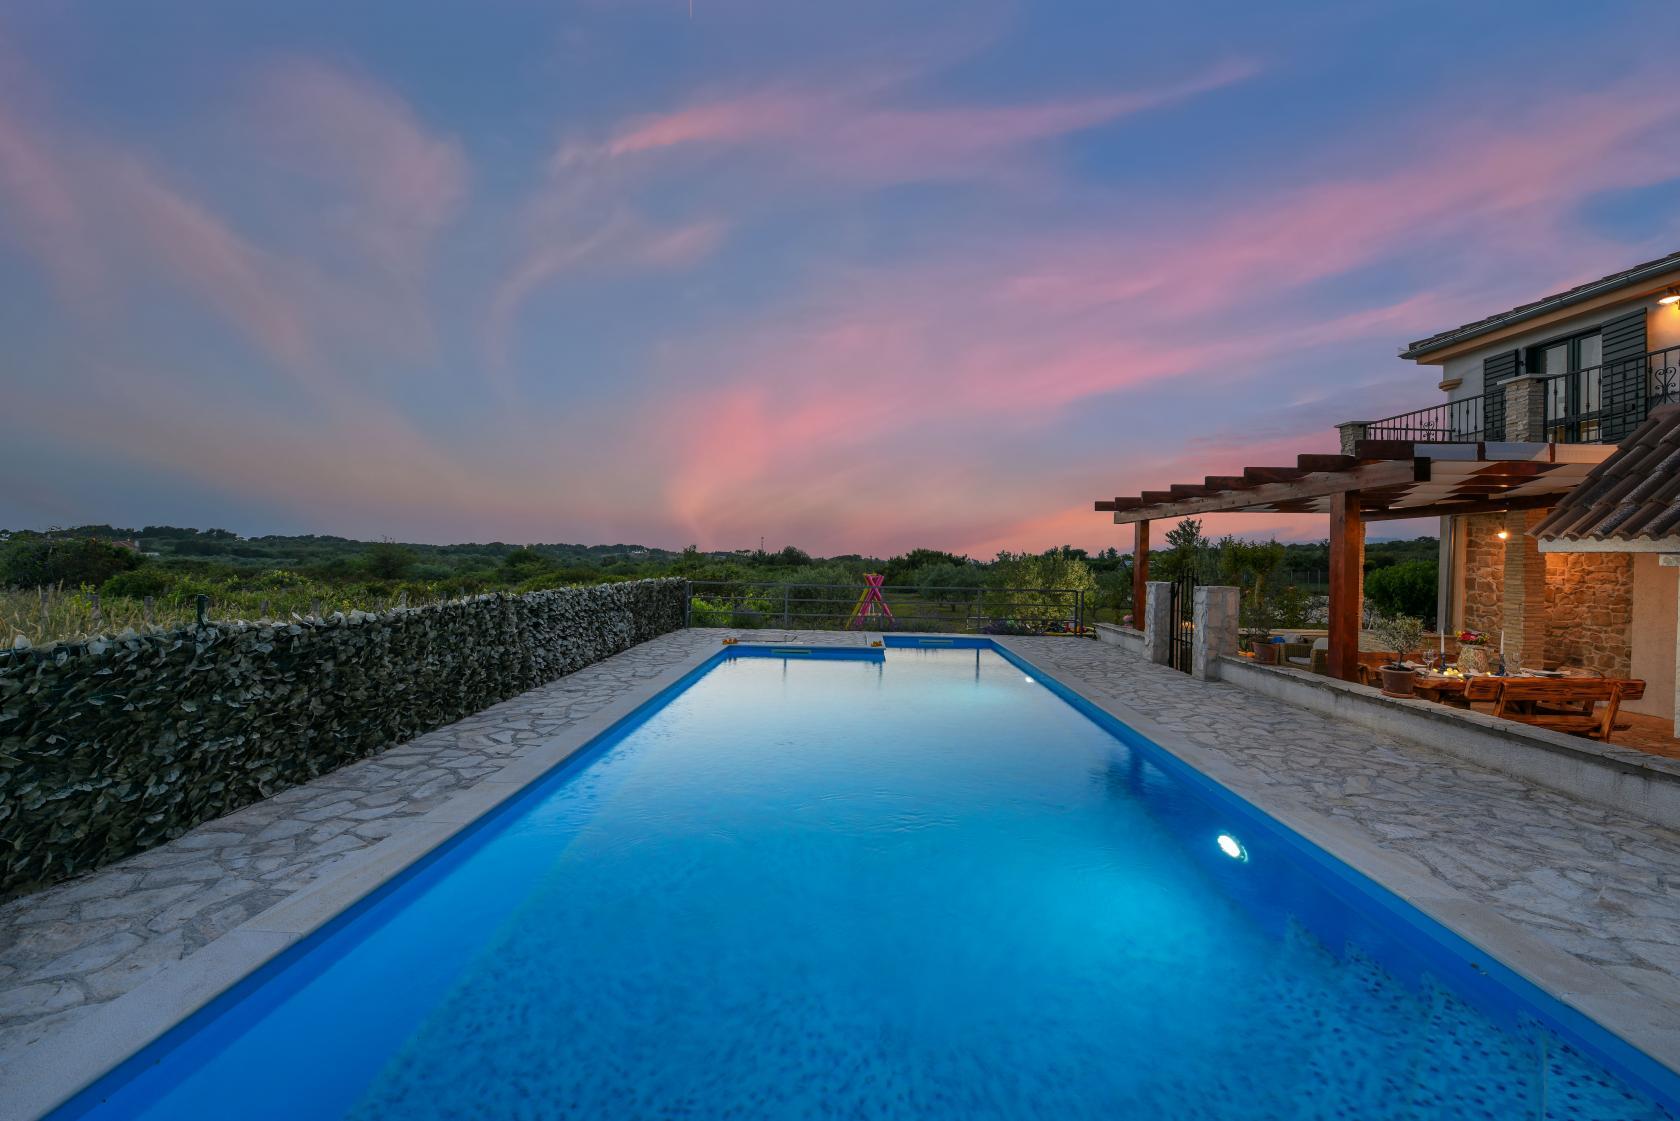 private pool villa, barbecue, secluded area villa, complete privacy, www.zadarvillas.com